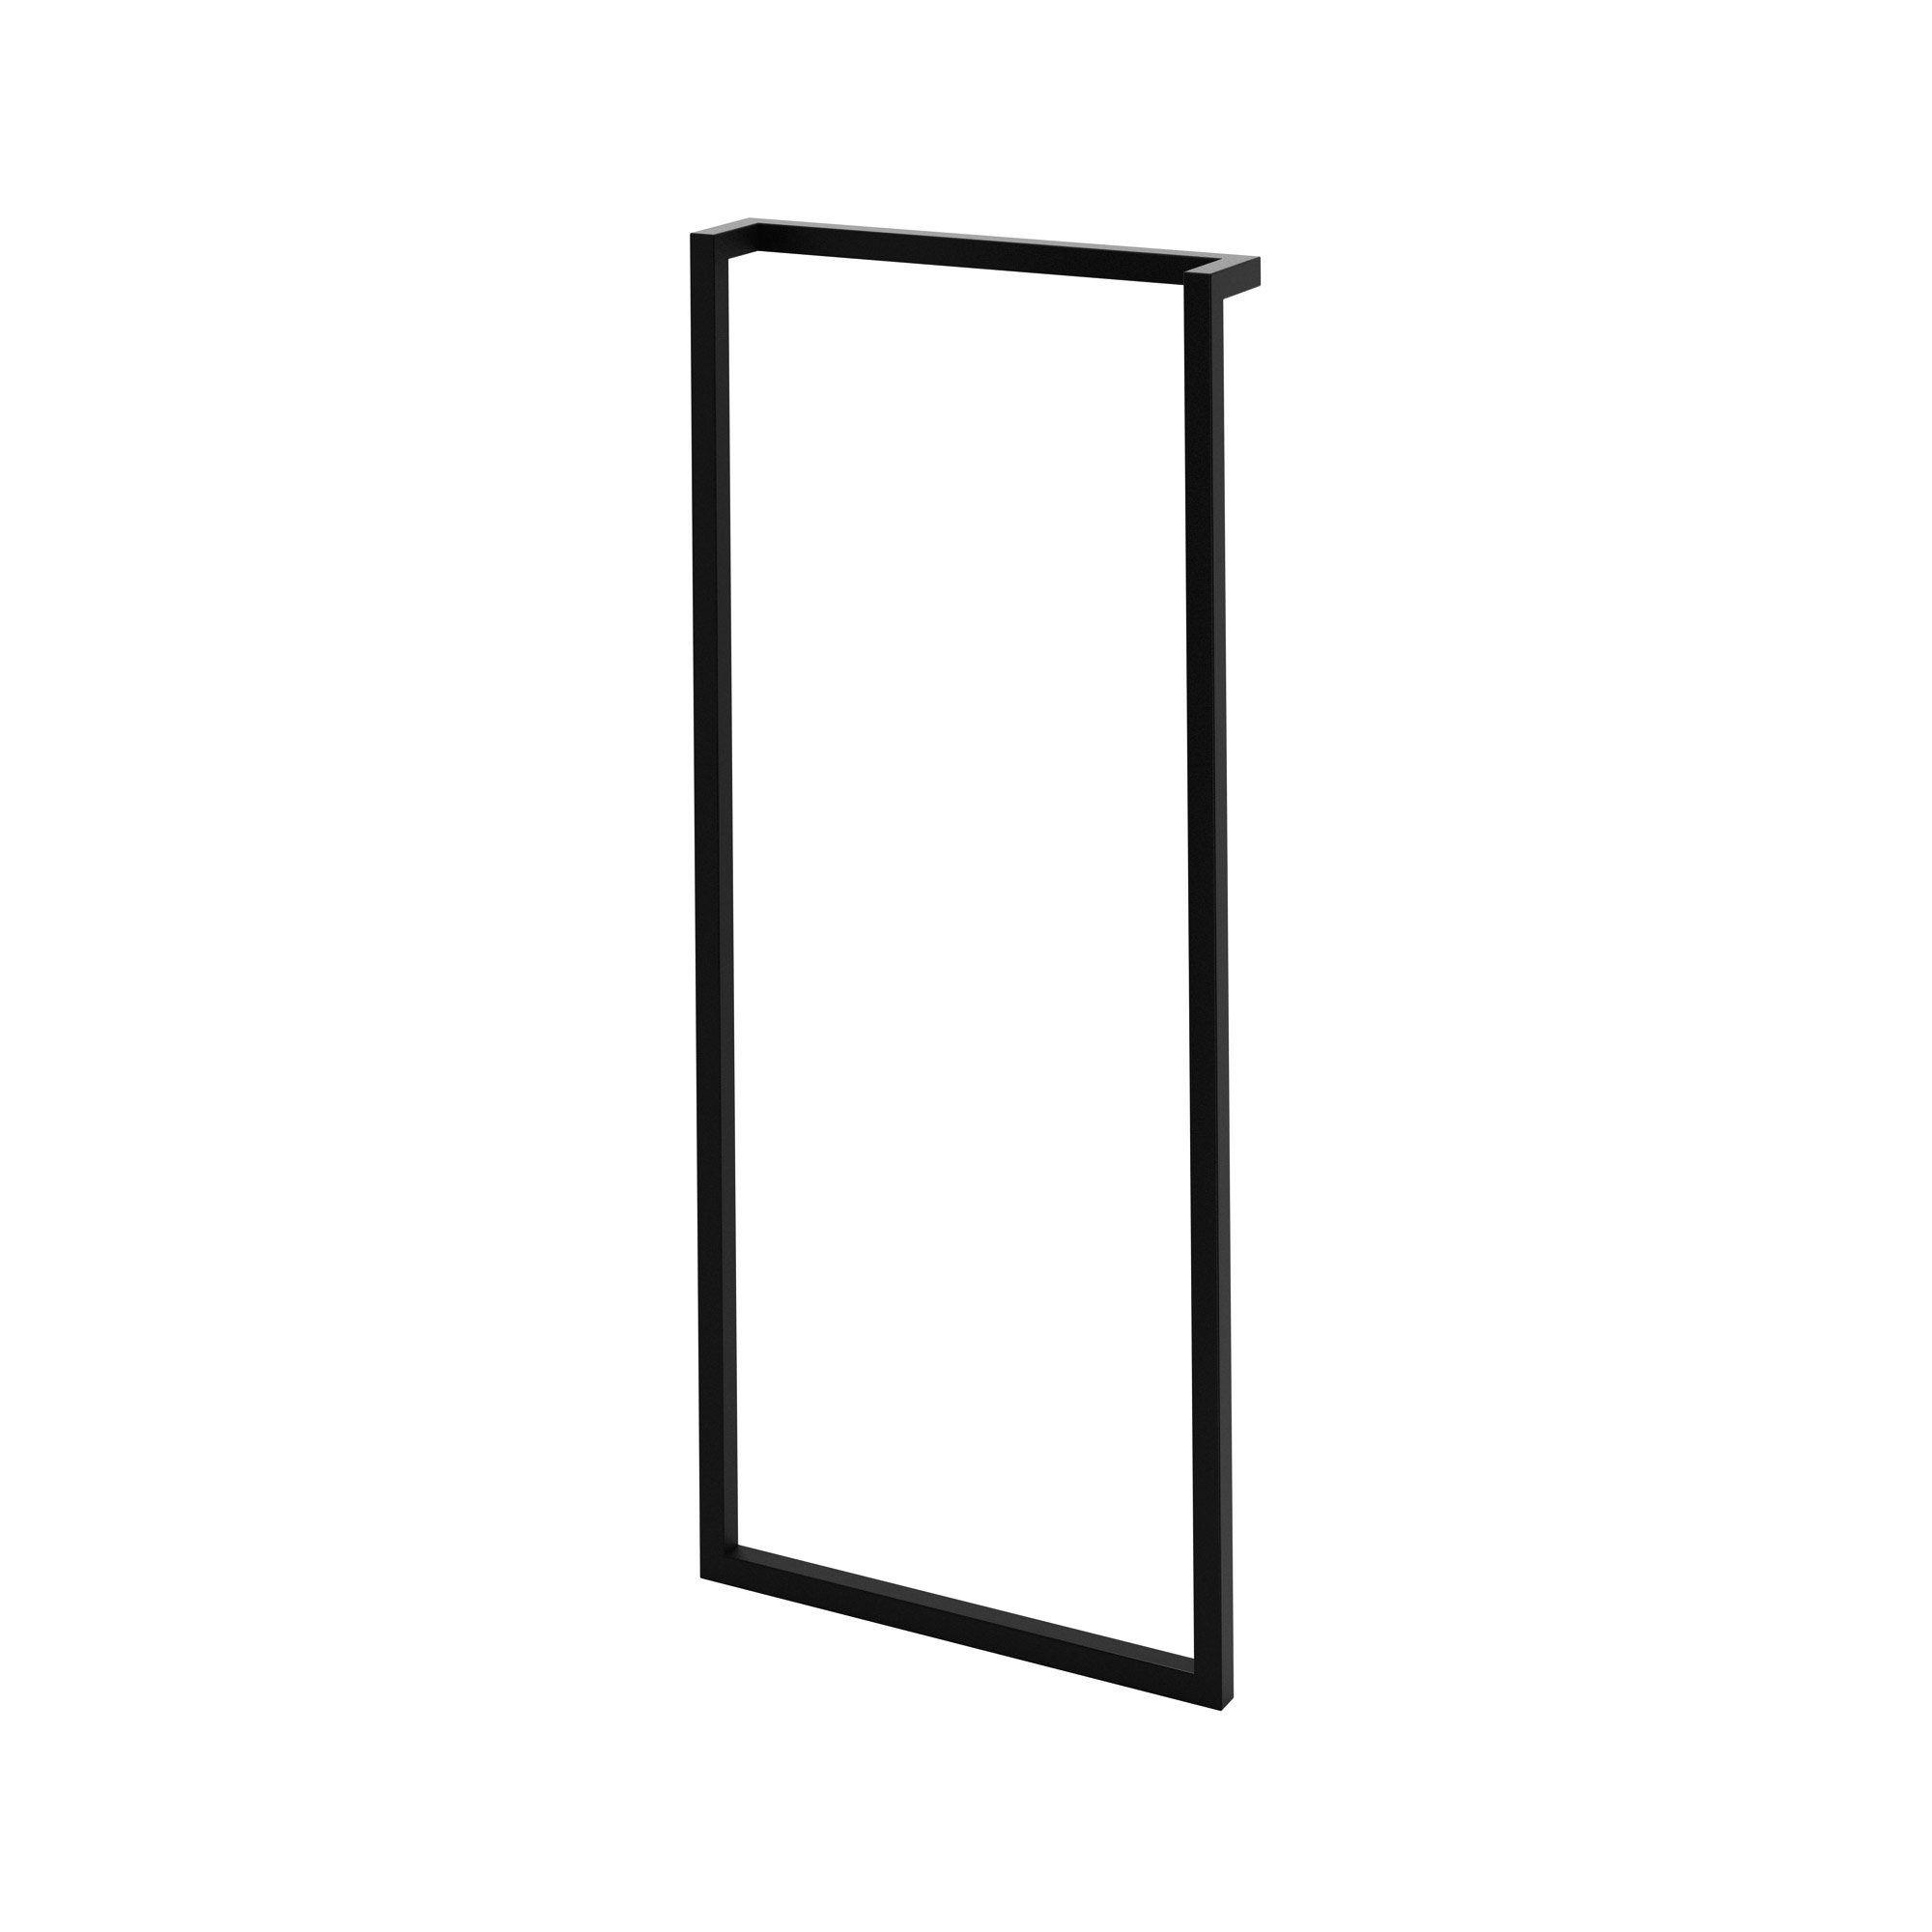 Cadre Porte Serviette L 32cm Noir Remix En 2020 Porte Serviette Serviettes Et Serviettes Noires